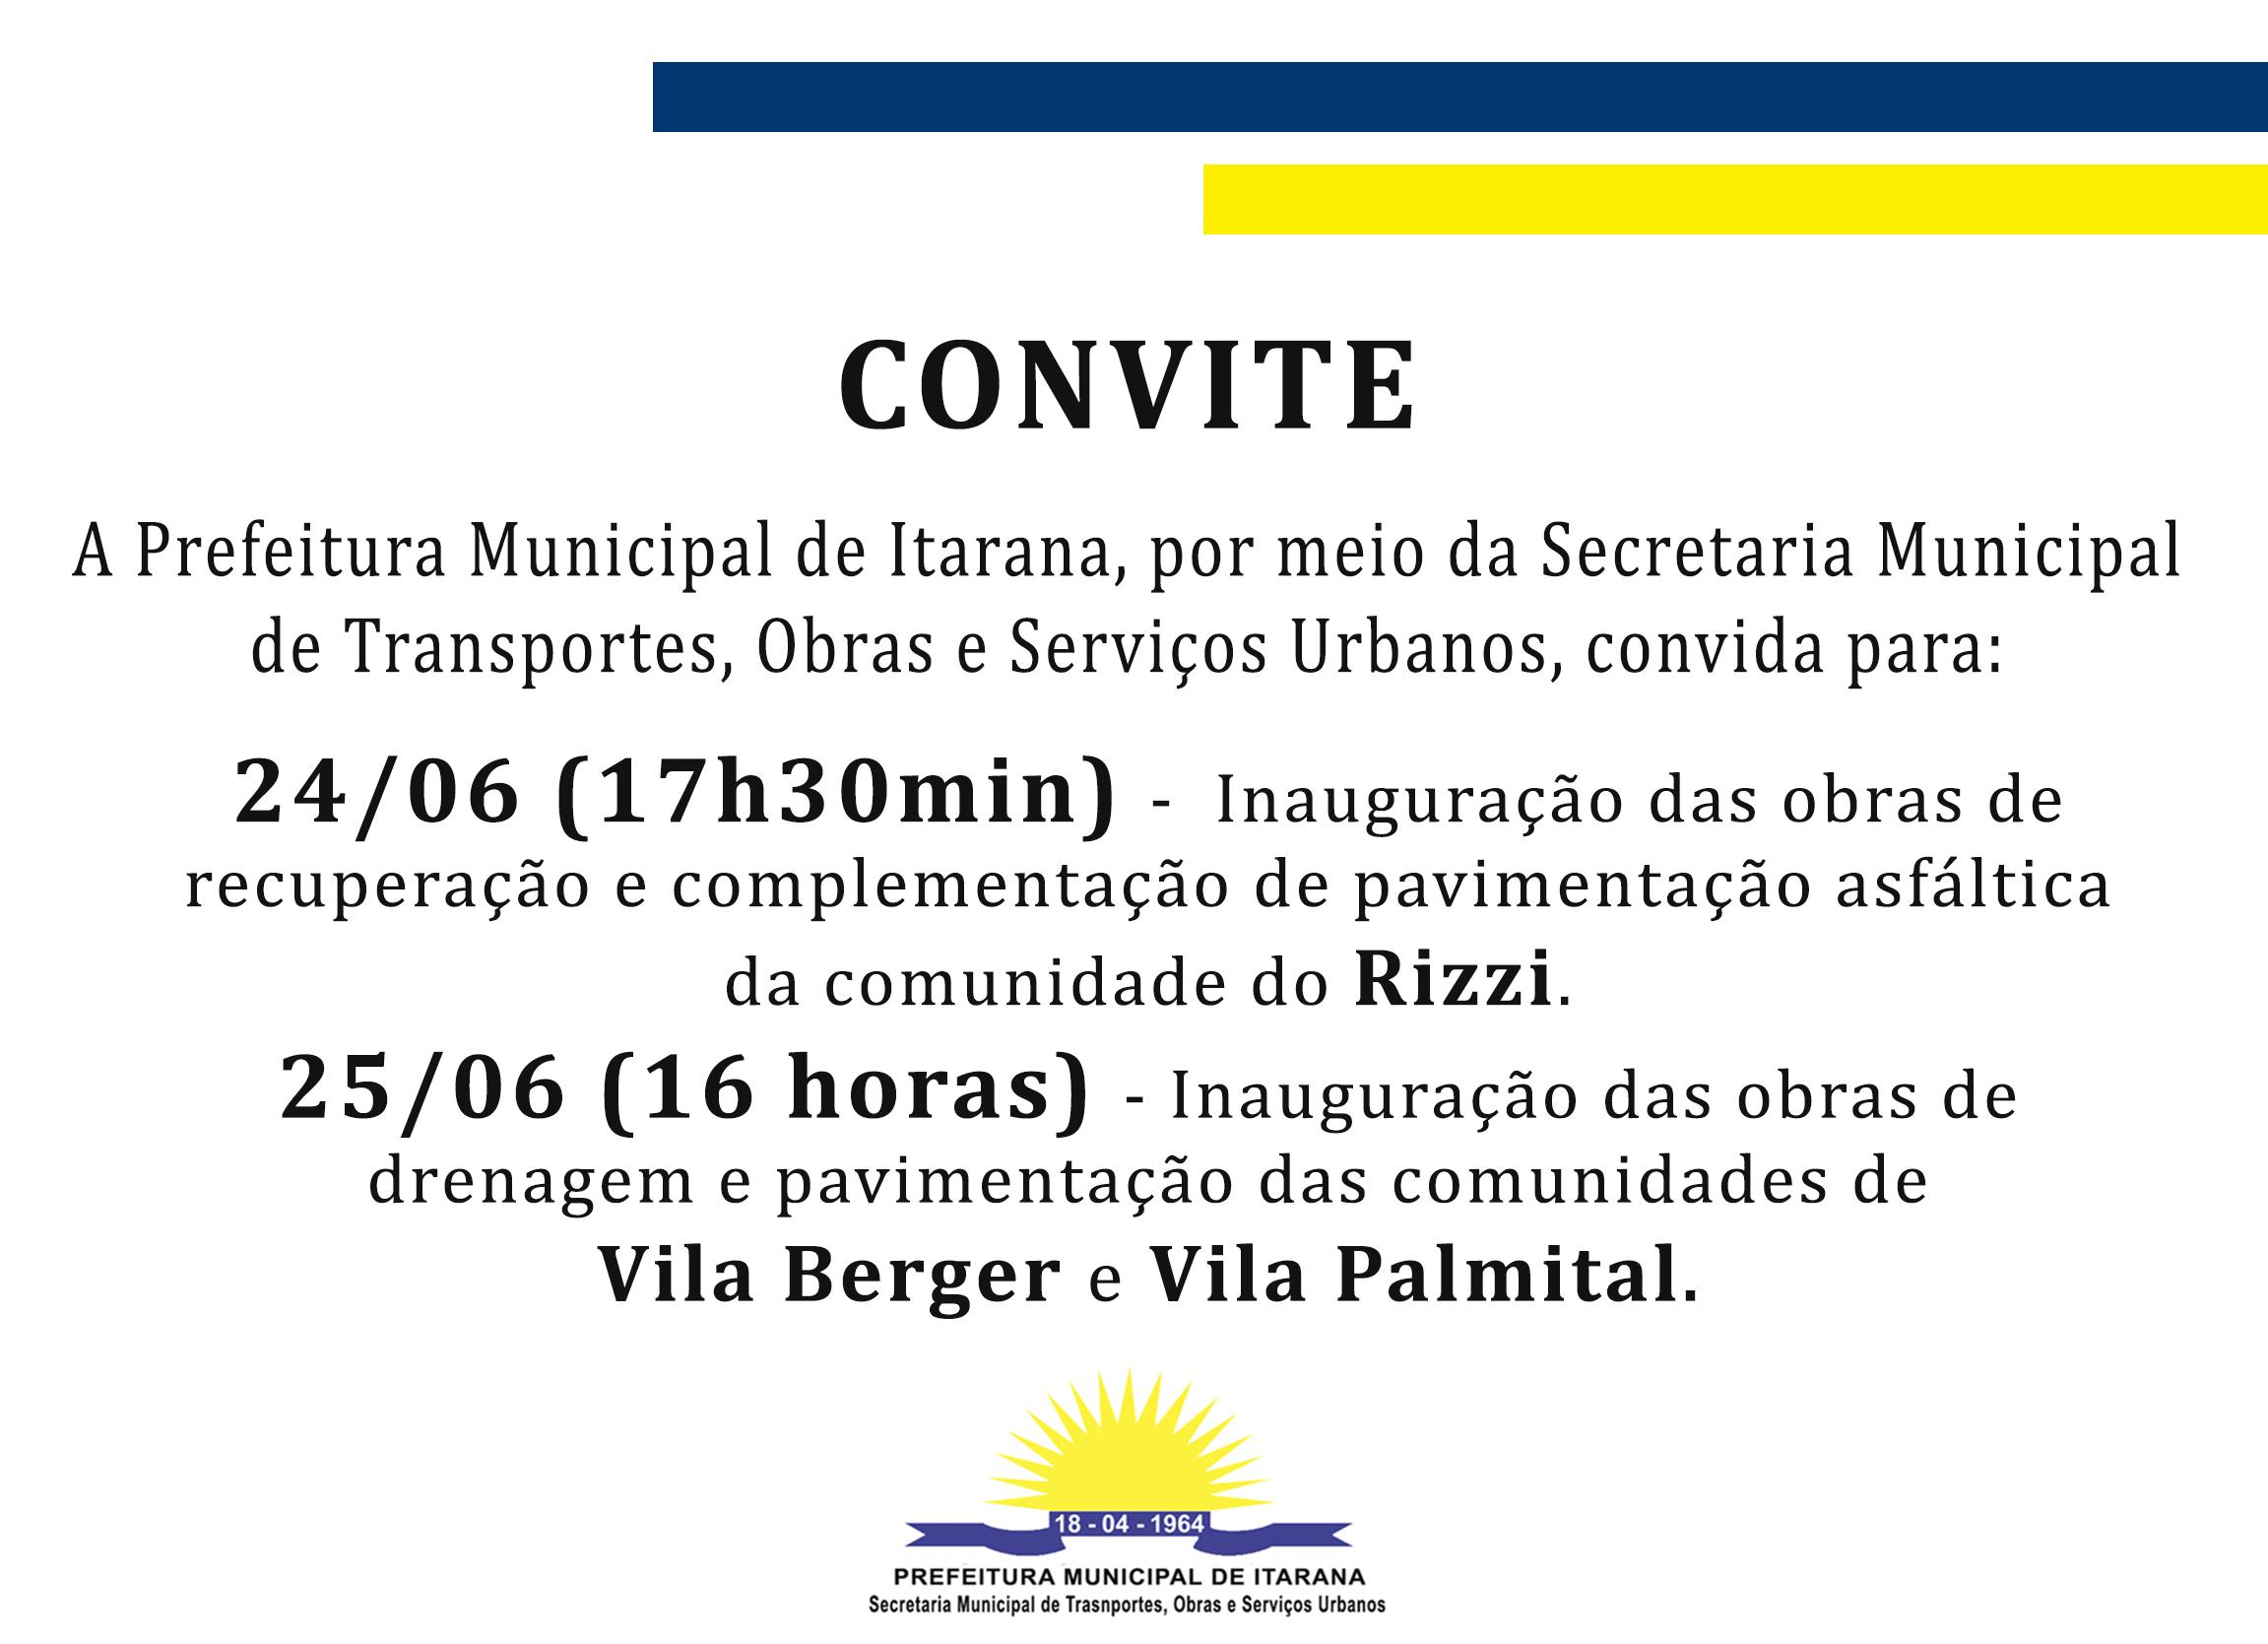 Convite: inaugurações Rizzi, Vila Berger e Vila Palmital